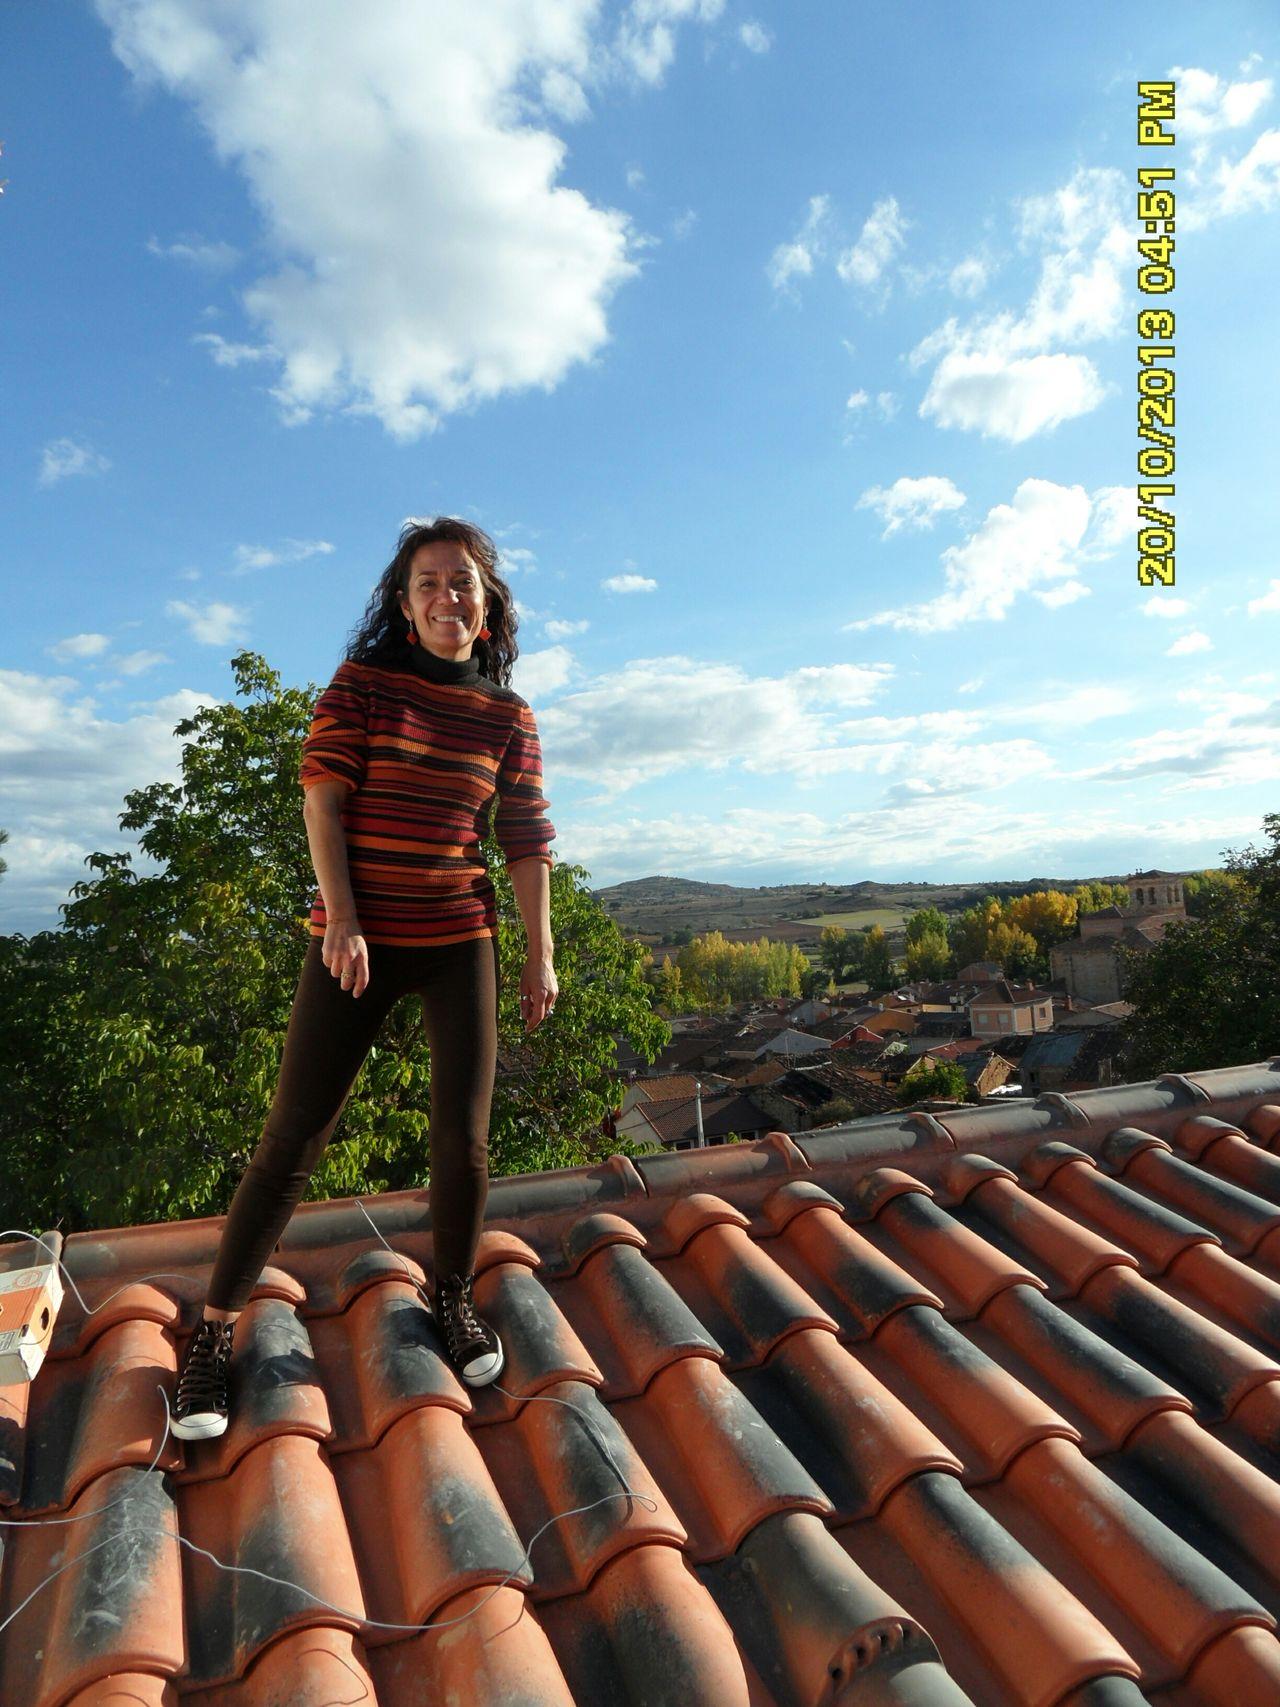 TwentySomething en Coruña del Conde Tejado Altura Riesgo Diversion